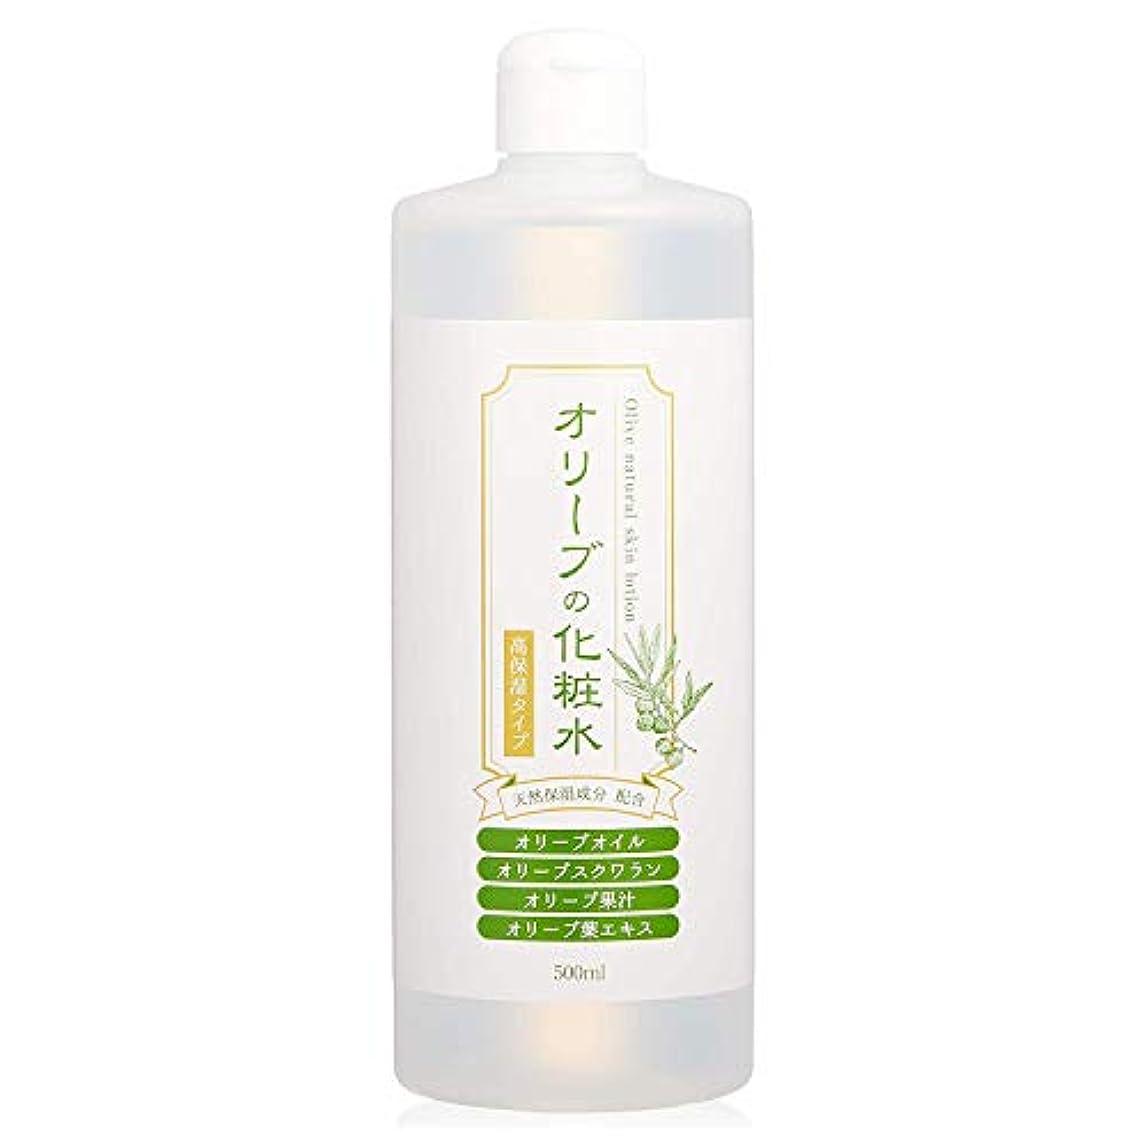 うぬぼれスクレーパー航空日本オリーブ オリーブクリアローション 〈オリーブの化粧水〉 (500mL)